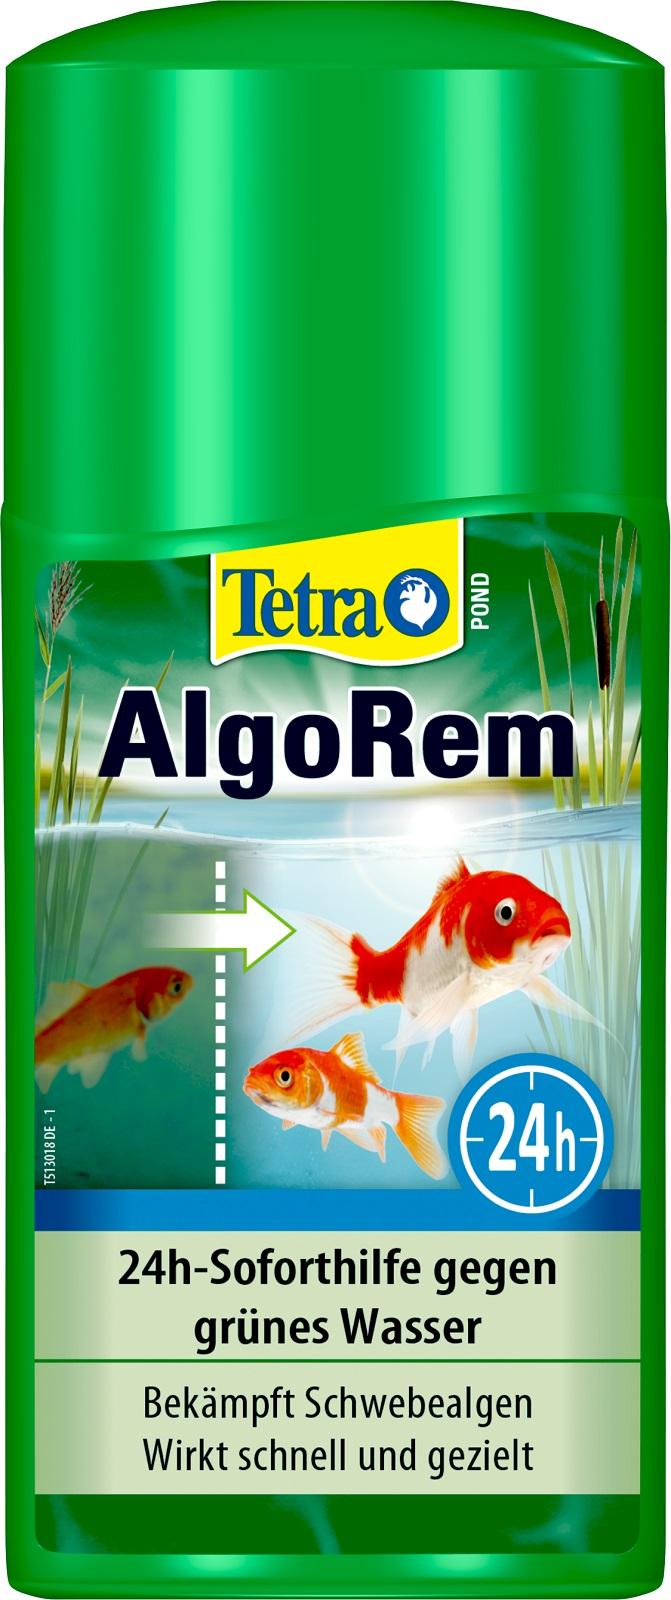 Tetra Pond AlgoRem 24 Std Soforthilfe gegen grünes Wasser Algenmittel 250 ml